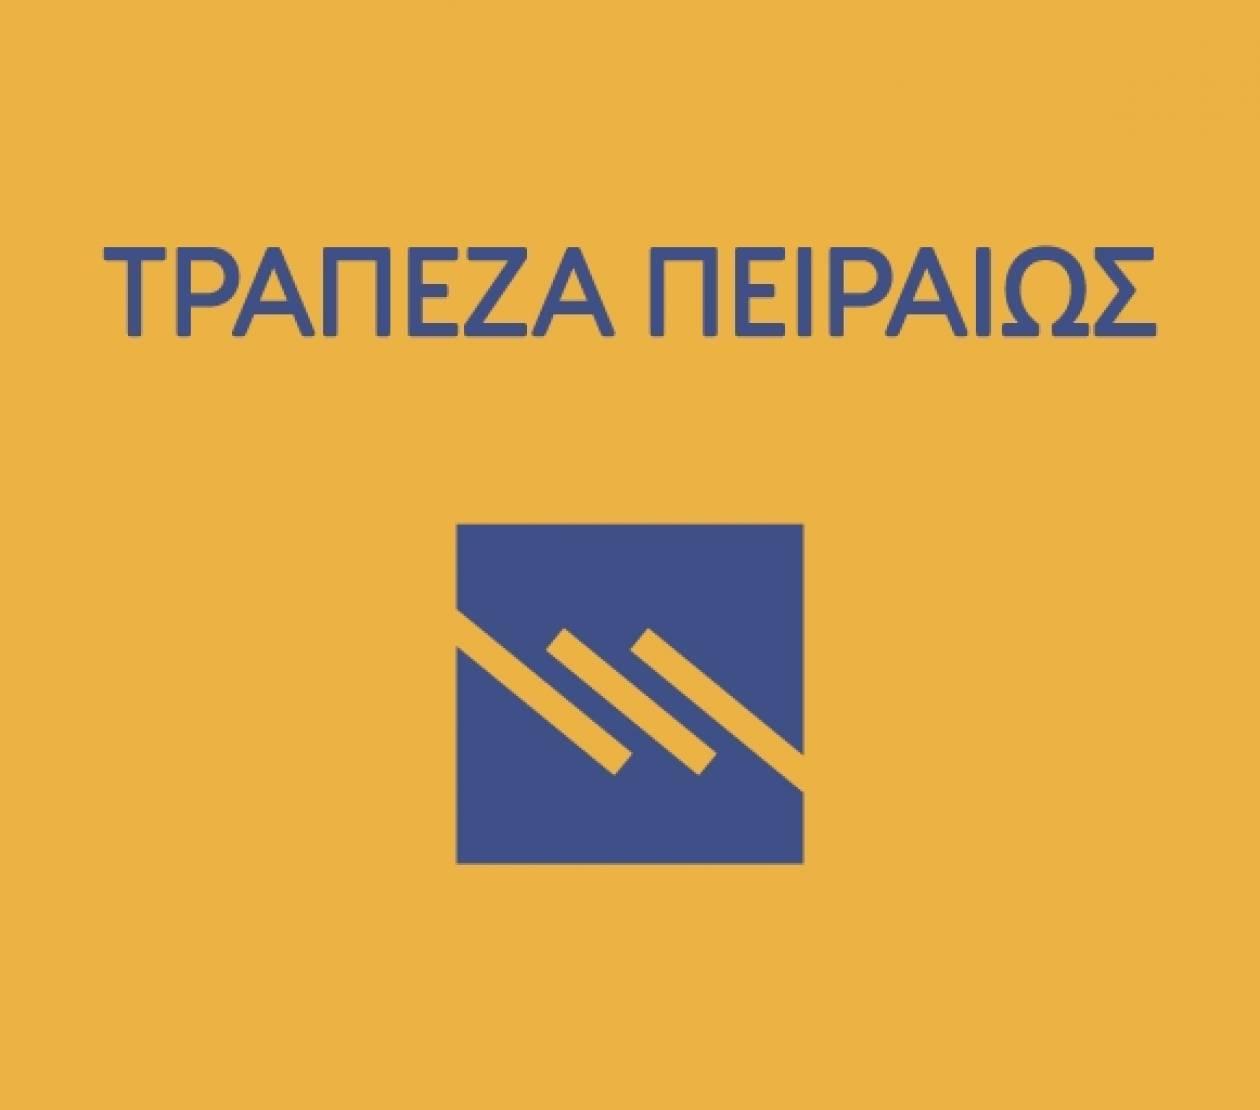 Τράπεζα Πειραιώς: Αλλαγές επιτοκίων στους λογαριασμούς καταθέσεων